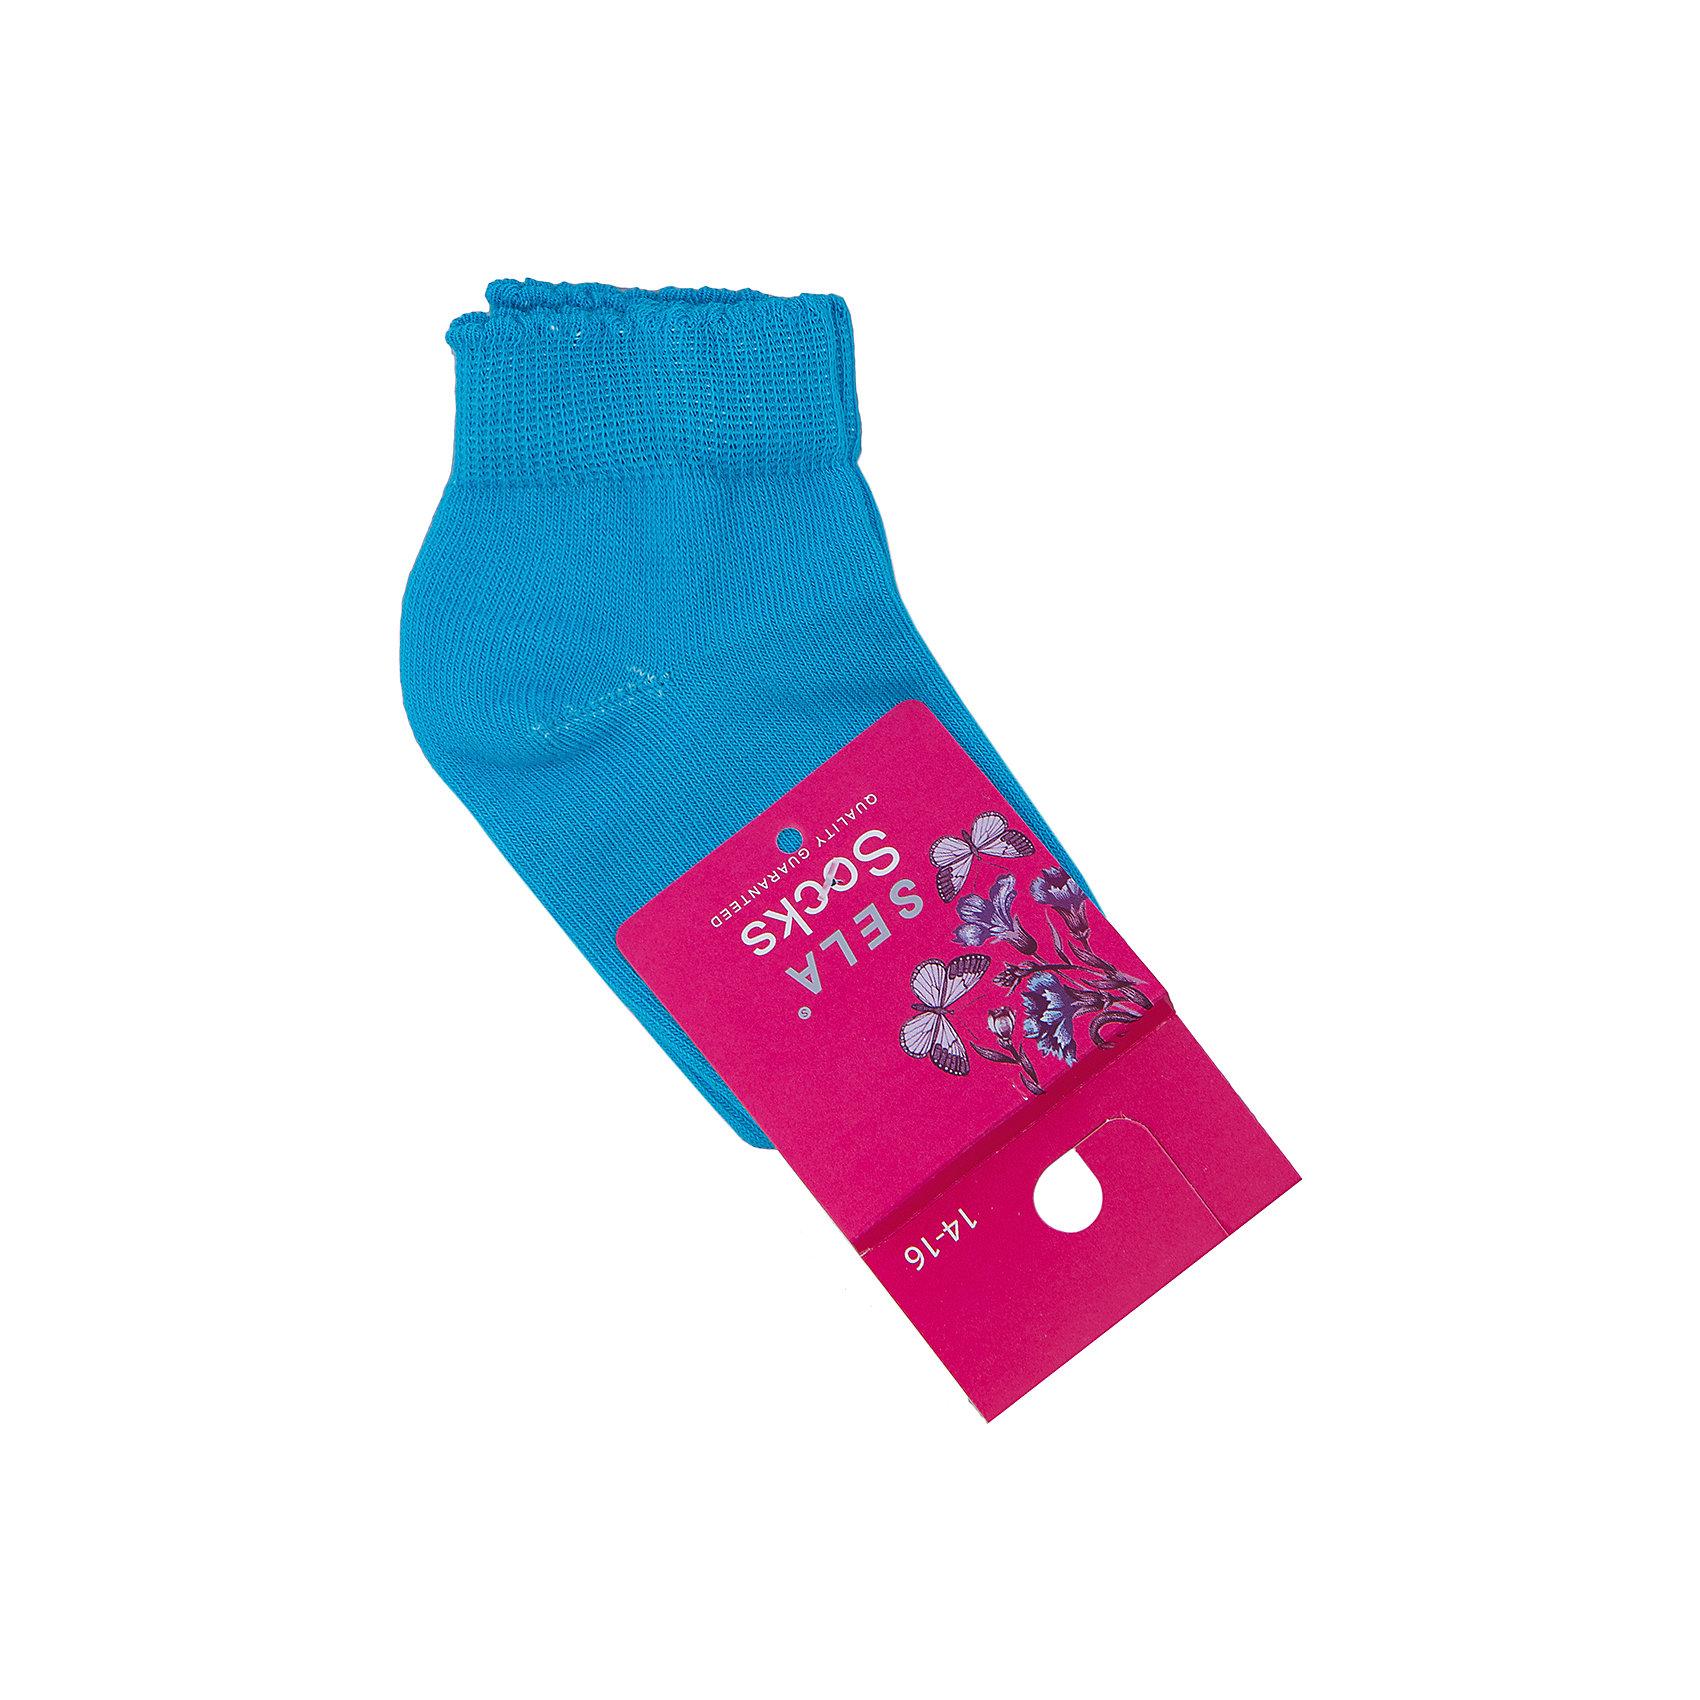 Носки для девочки SELAНоски<br>Удобные носки - неотъемлемая составляющая комфорта ребенка. Эта модель отлично сидит на девочке, она сшита из приятного на ощупь материала, мягкая и дышащая. Натуральный хлопок в составе ткани не вызывает аллергии и обеспечивает ребенку комфорт. Мягкая резинка не сдавливает ногу.<br>Одежда от бренда Sela (Села) - это качество по приемлемым ценам. Многие российские родители уже оценили преимущества продукции этой компании и всё чаще приобретают одежду и аксессуары Sela.<br><br>Дополнительная информация:<br><br>цвет: зеленый;<br>материал: 75% хлопок, 20% ПЭ, 5% эластан;<br>мягкая резинка;<br>трикотаж.<br><br>Носки для девочки от бренда Sela можно купить в нашем интернет-магазине.<br><br>Ширина мм: 87<br>Глубина мм: 10<br>Высота мм: 105<br>Вес г: 115<br>Цвет: зеленый<br>Возраст от месяцев: 72<br>Возраст до месяцев: 84<br>Пол: Женский<br>Возраст: Детский<br>Размер: 28-30,22-25,25-27,27/28<br>SKU: 4943943